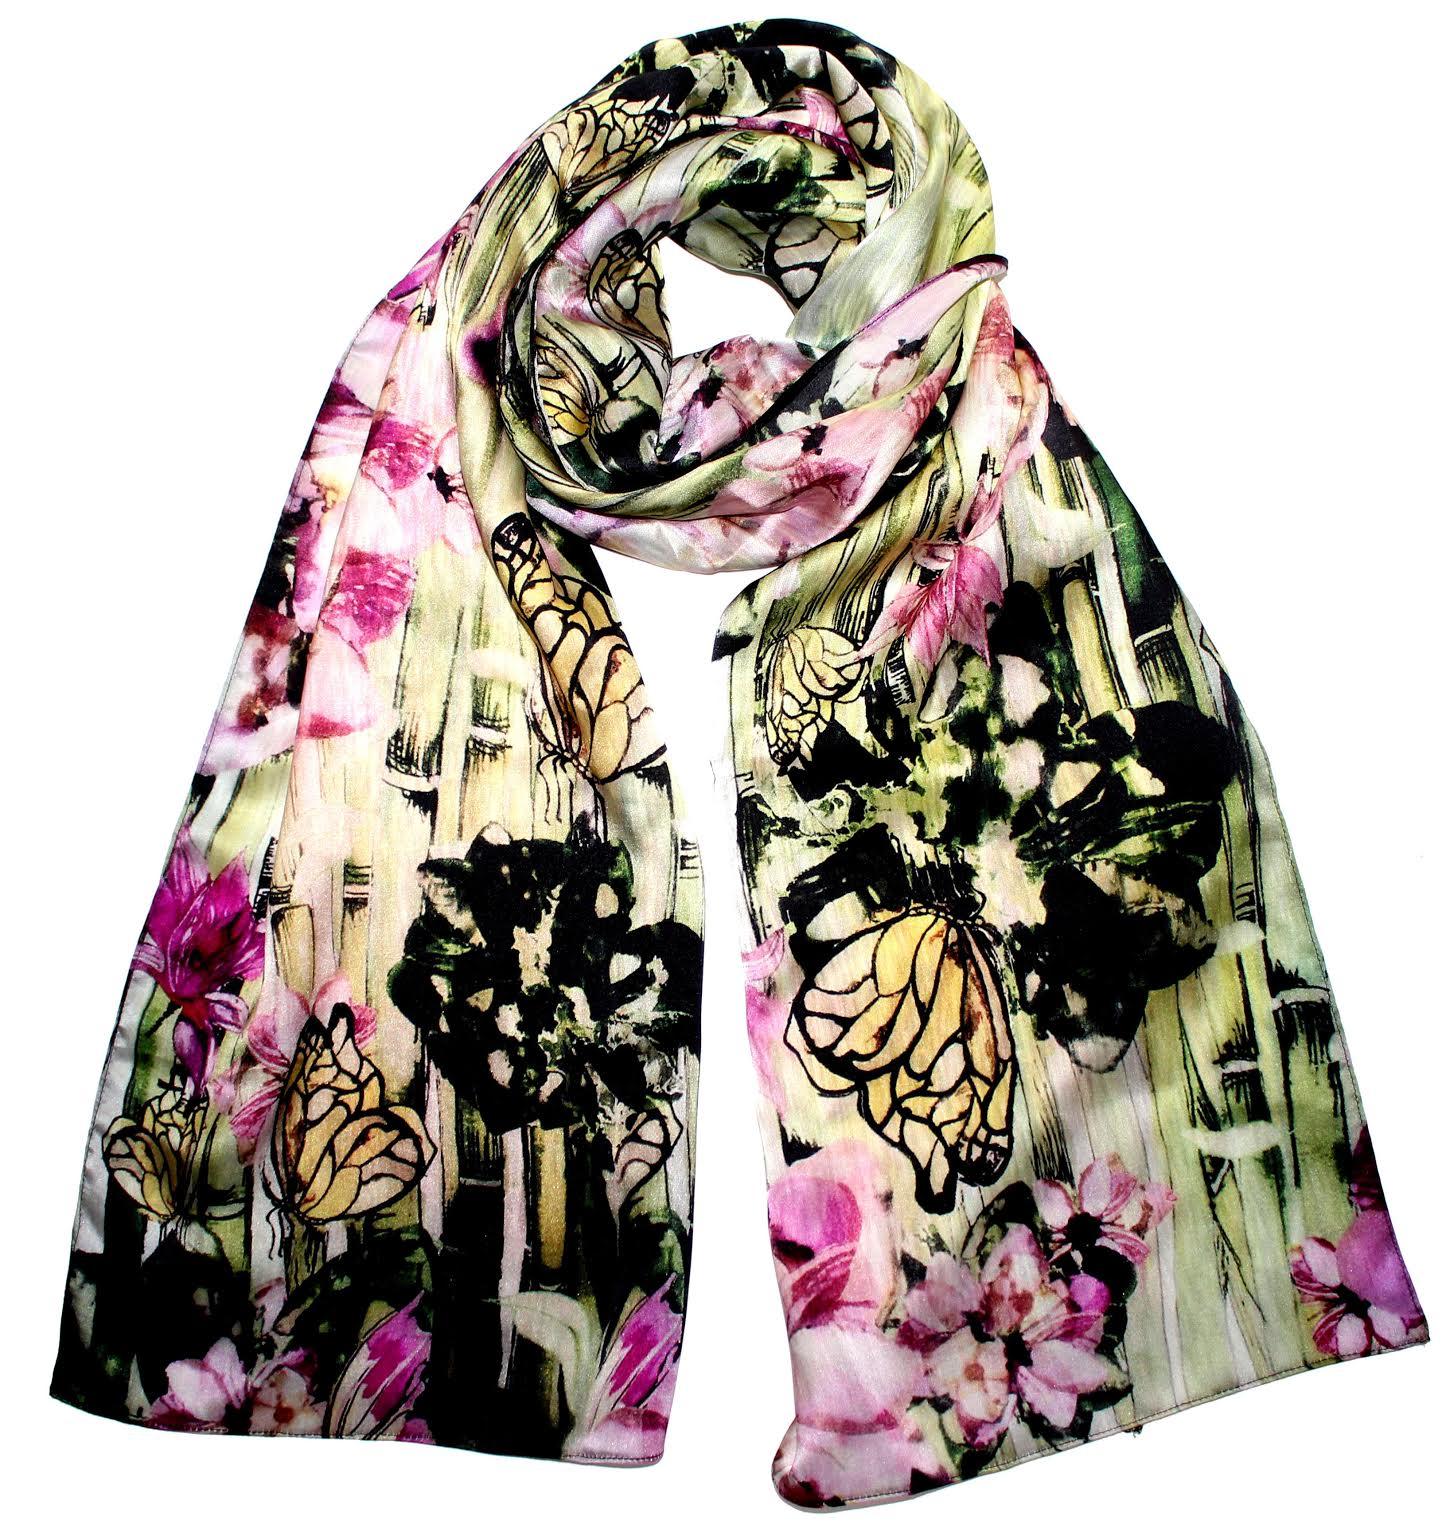 silk textile design by Laura Suthon